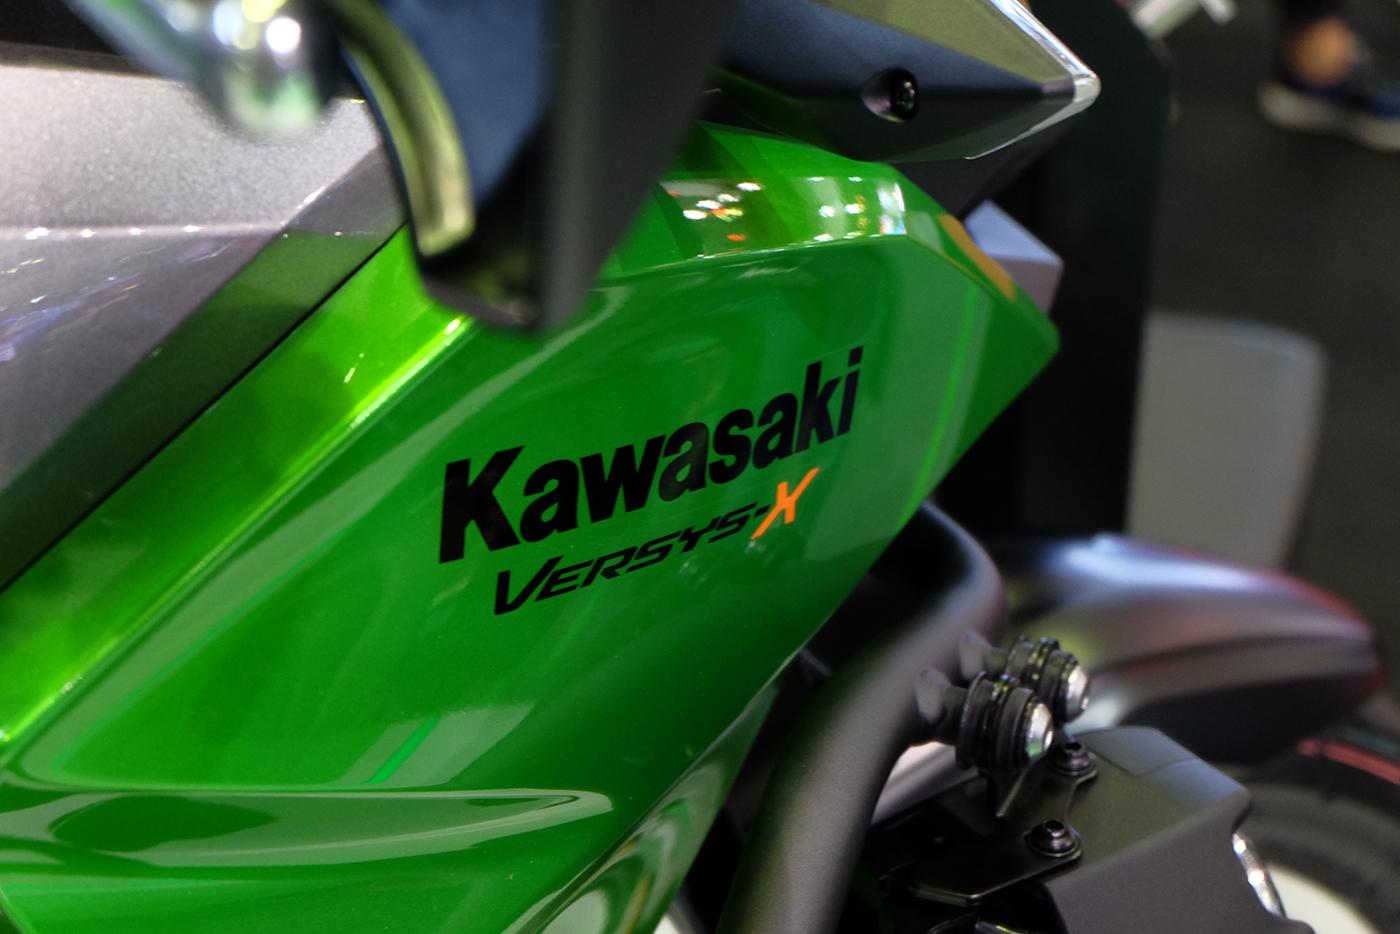 kawasaki-x-300-2017-15.JPG